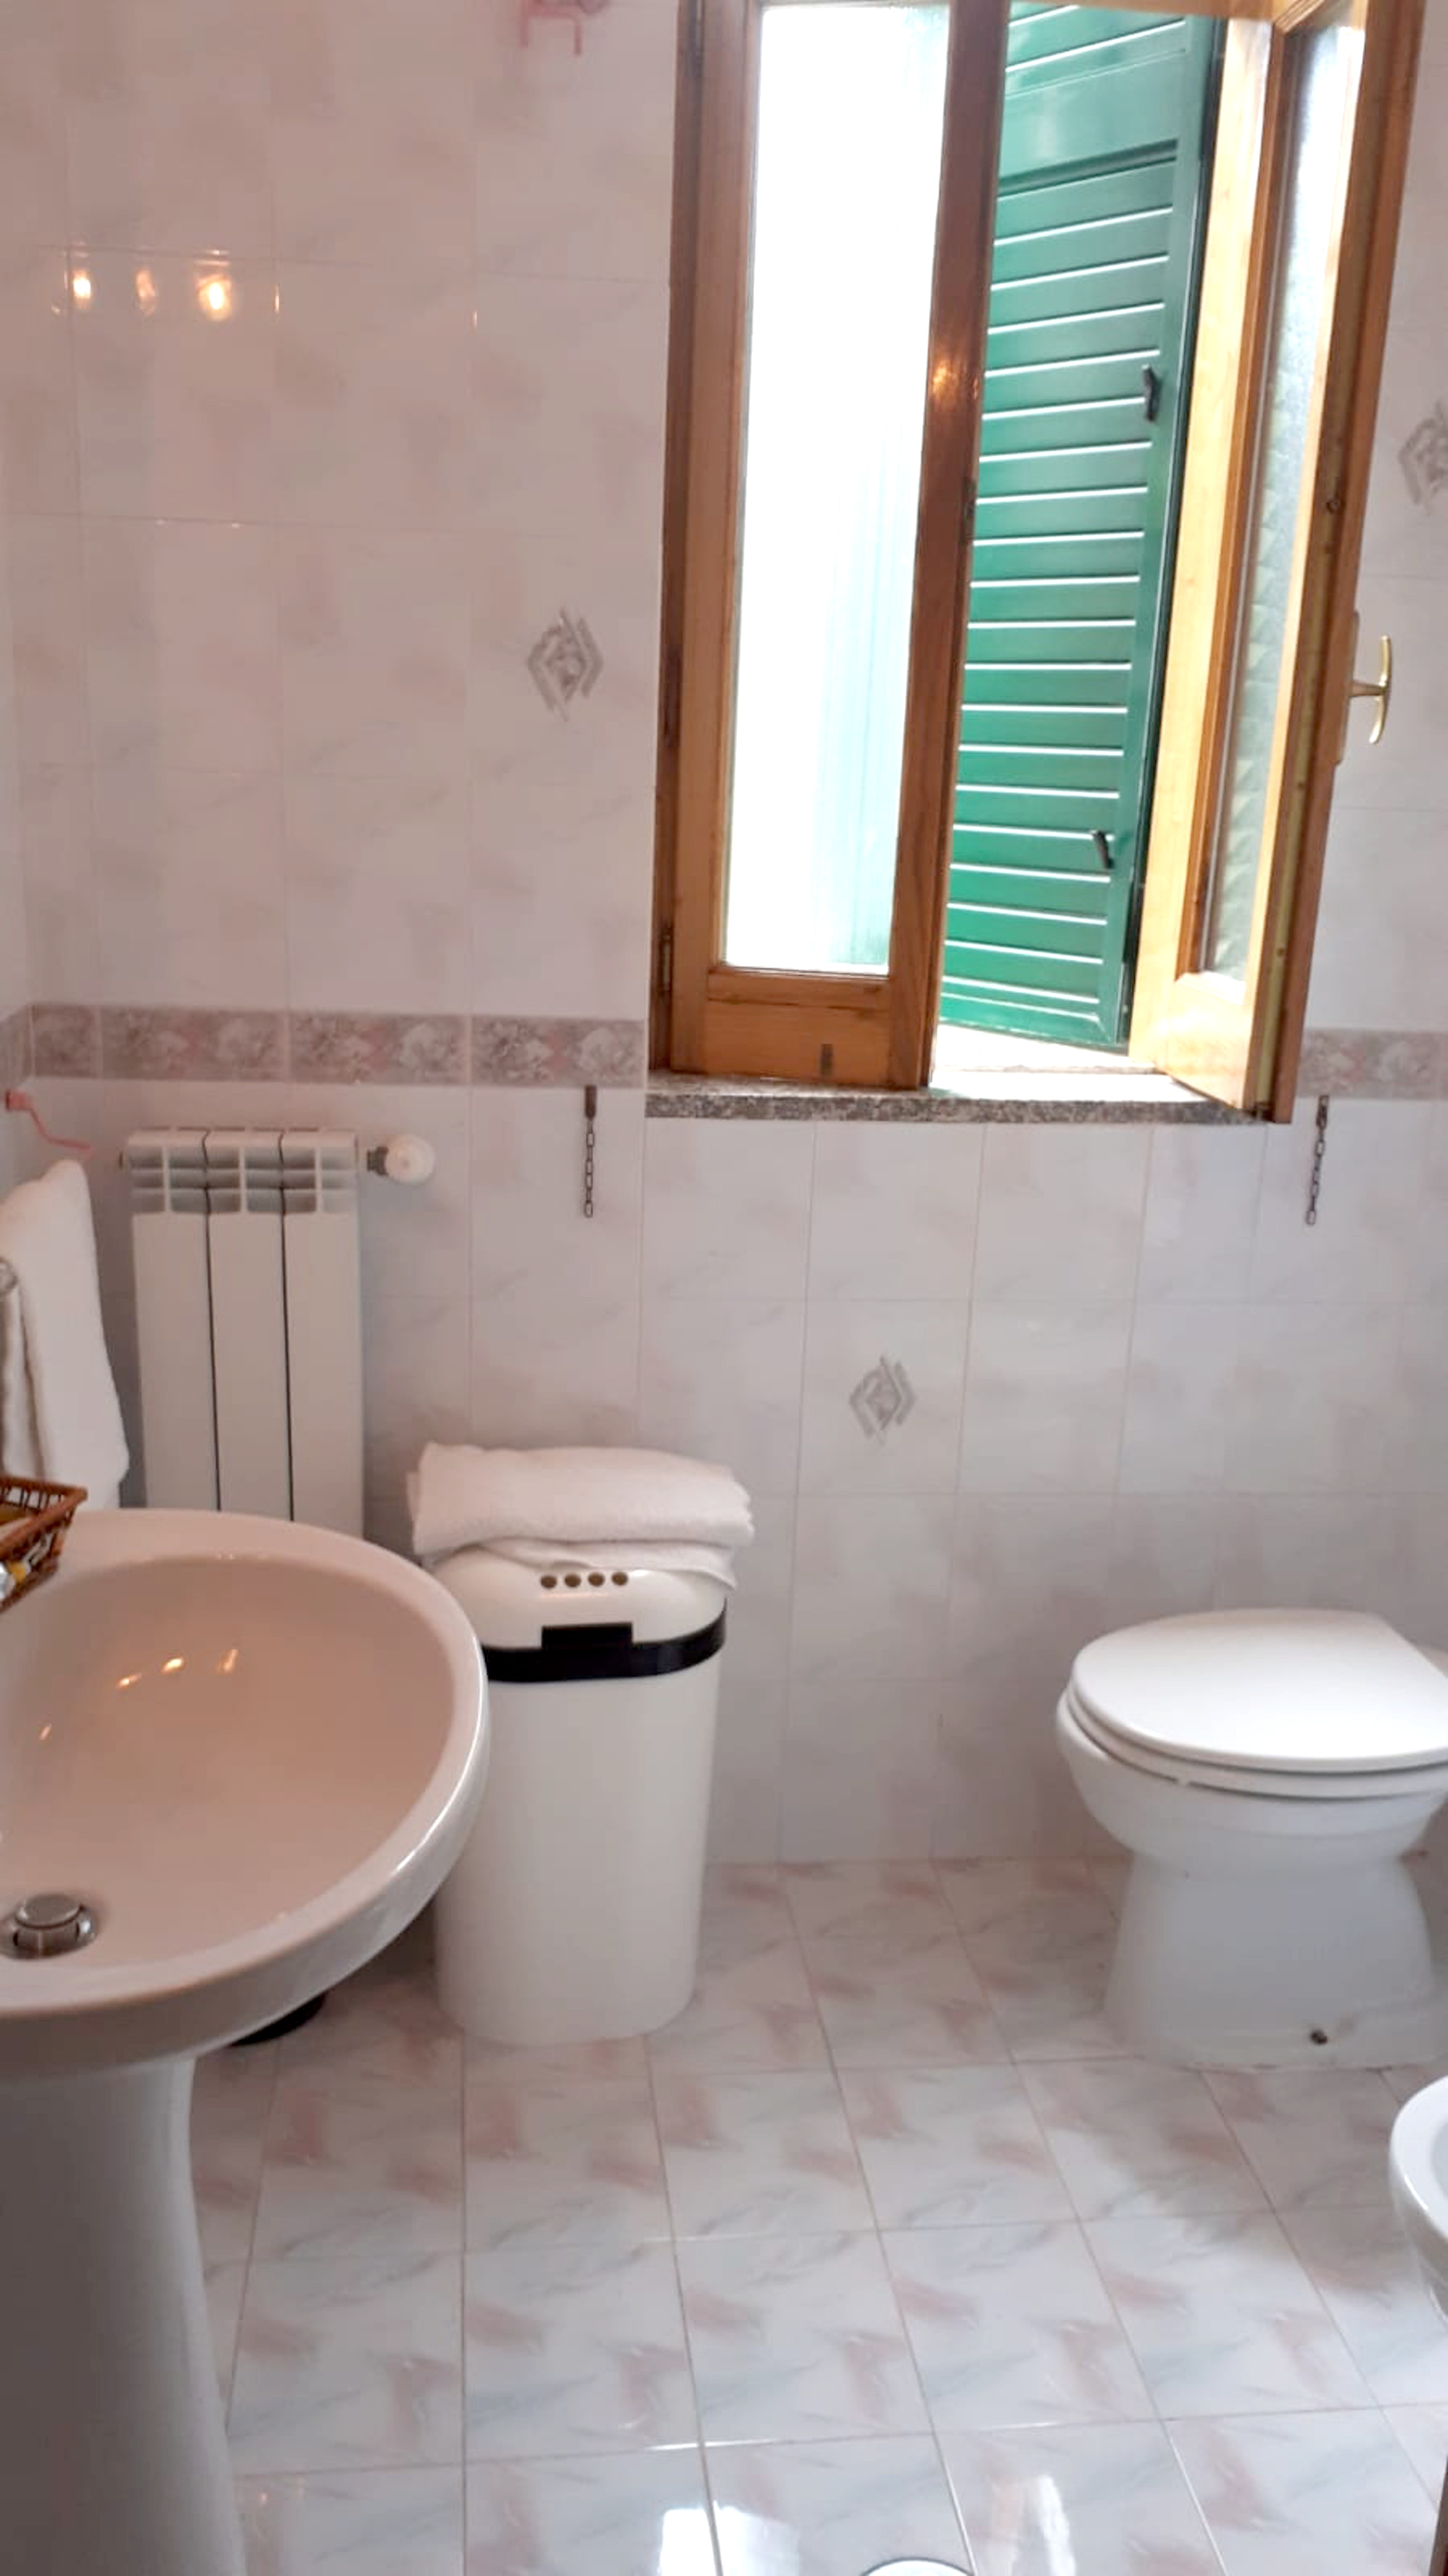 Ferienhaus Haus mit 3 Schlafzimmern in Tramonti mit toller Aussicht auf die Berge, eingezäuntem Garte (2591647), Tramonti, Salerno, Kampanien, Italien, Bild 12